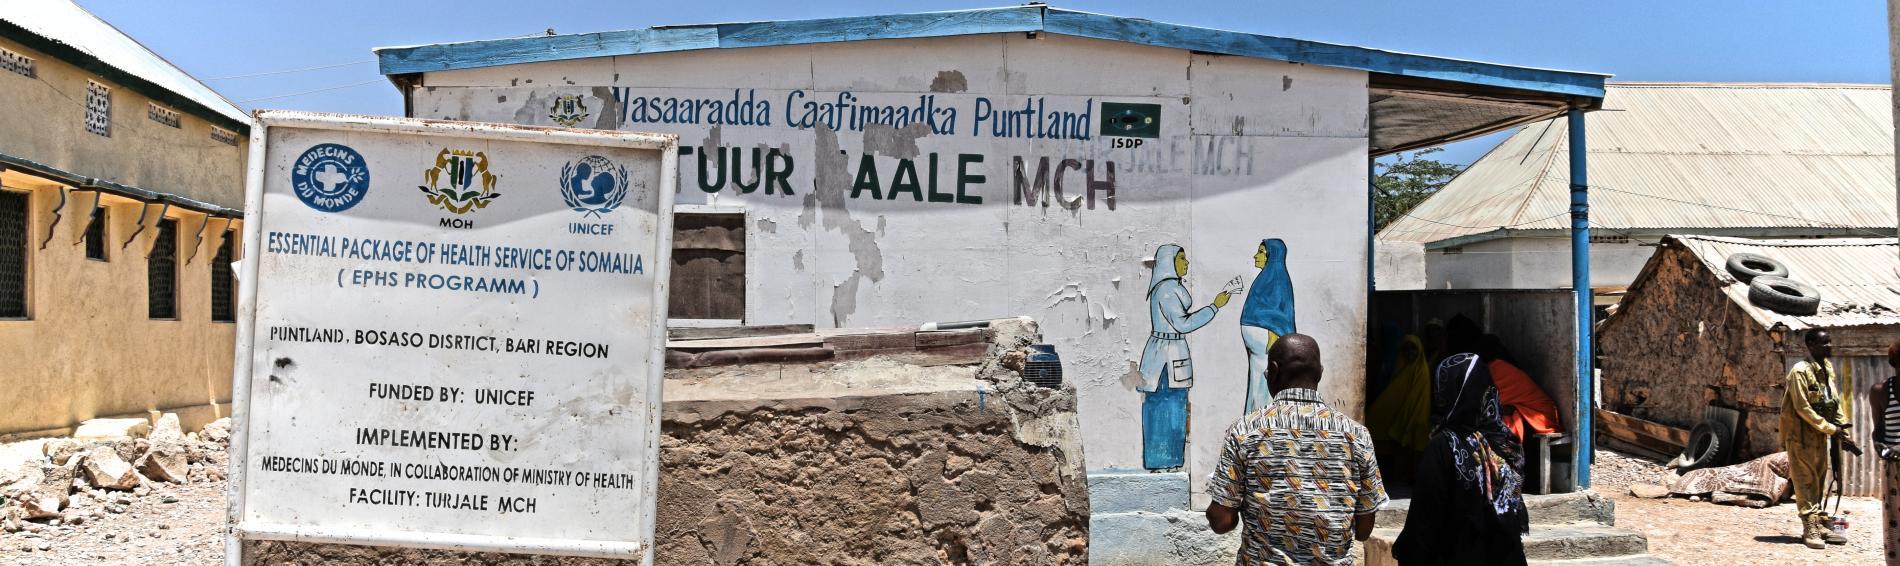 Ein Behandlungszentrum in Somalia. Foto: Jelle Boone